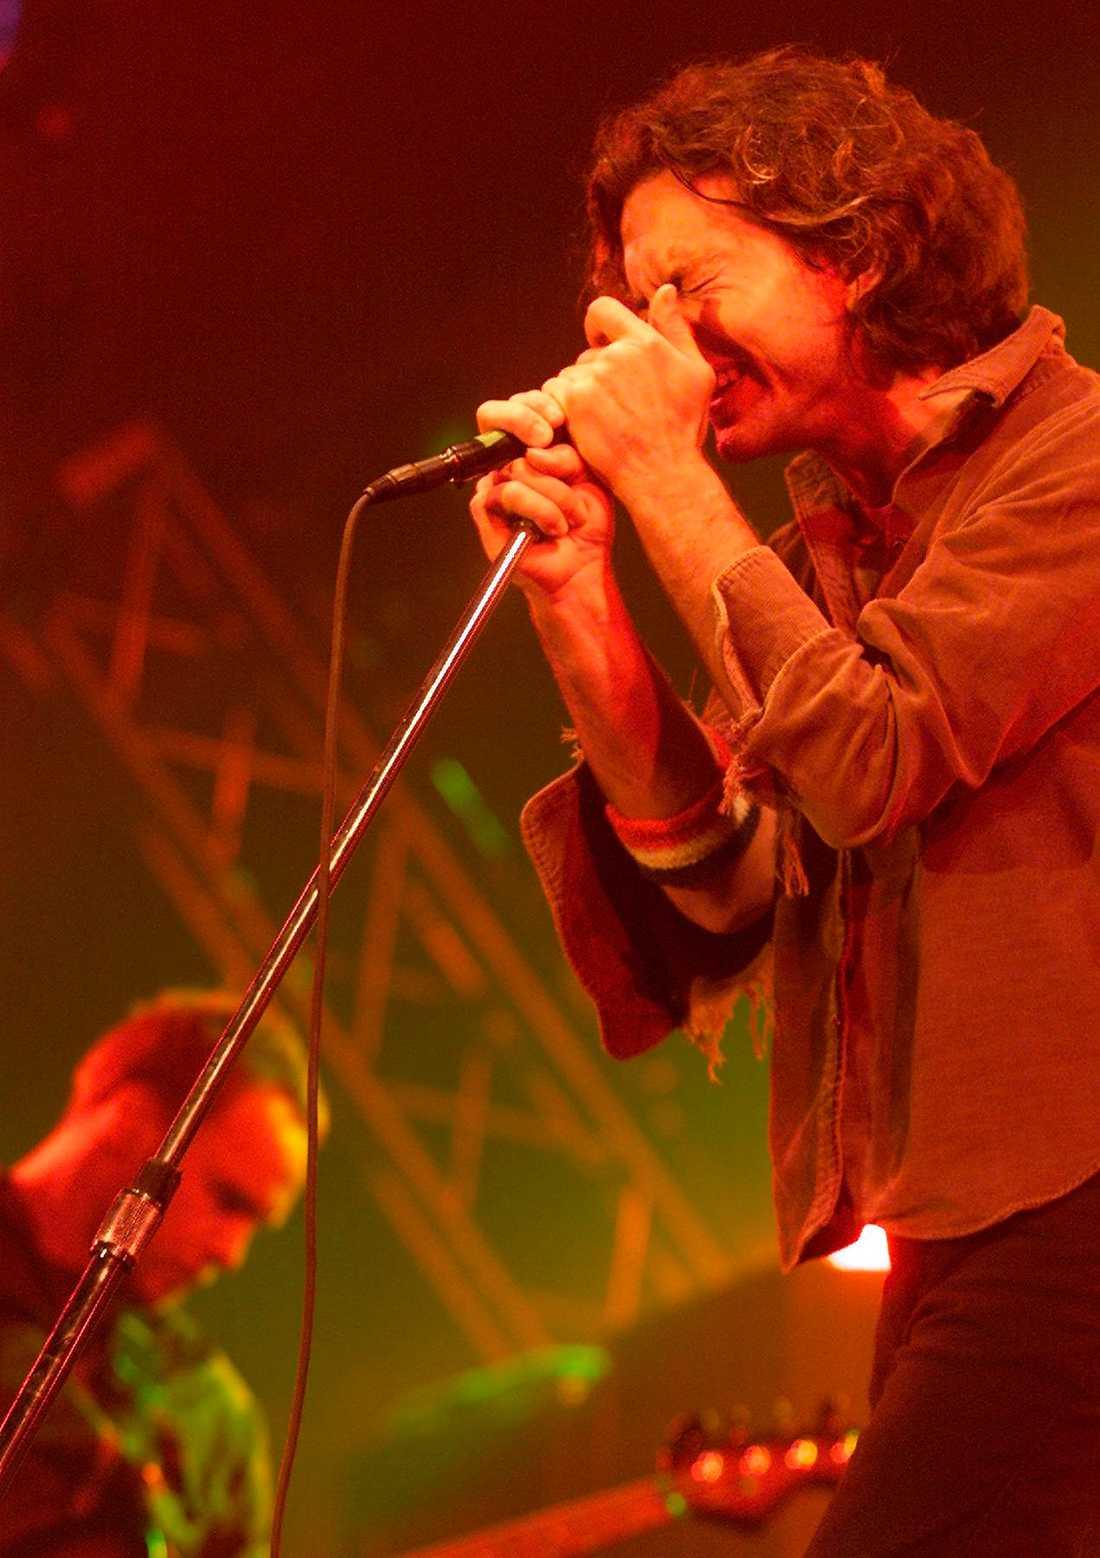 Det var under Pearl Jams spelning som dödsolyckan inträffade.